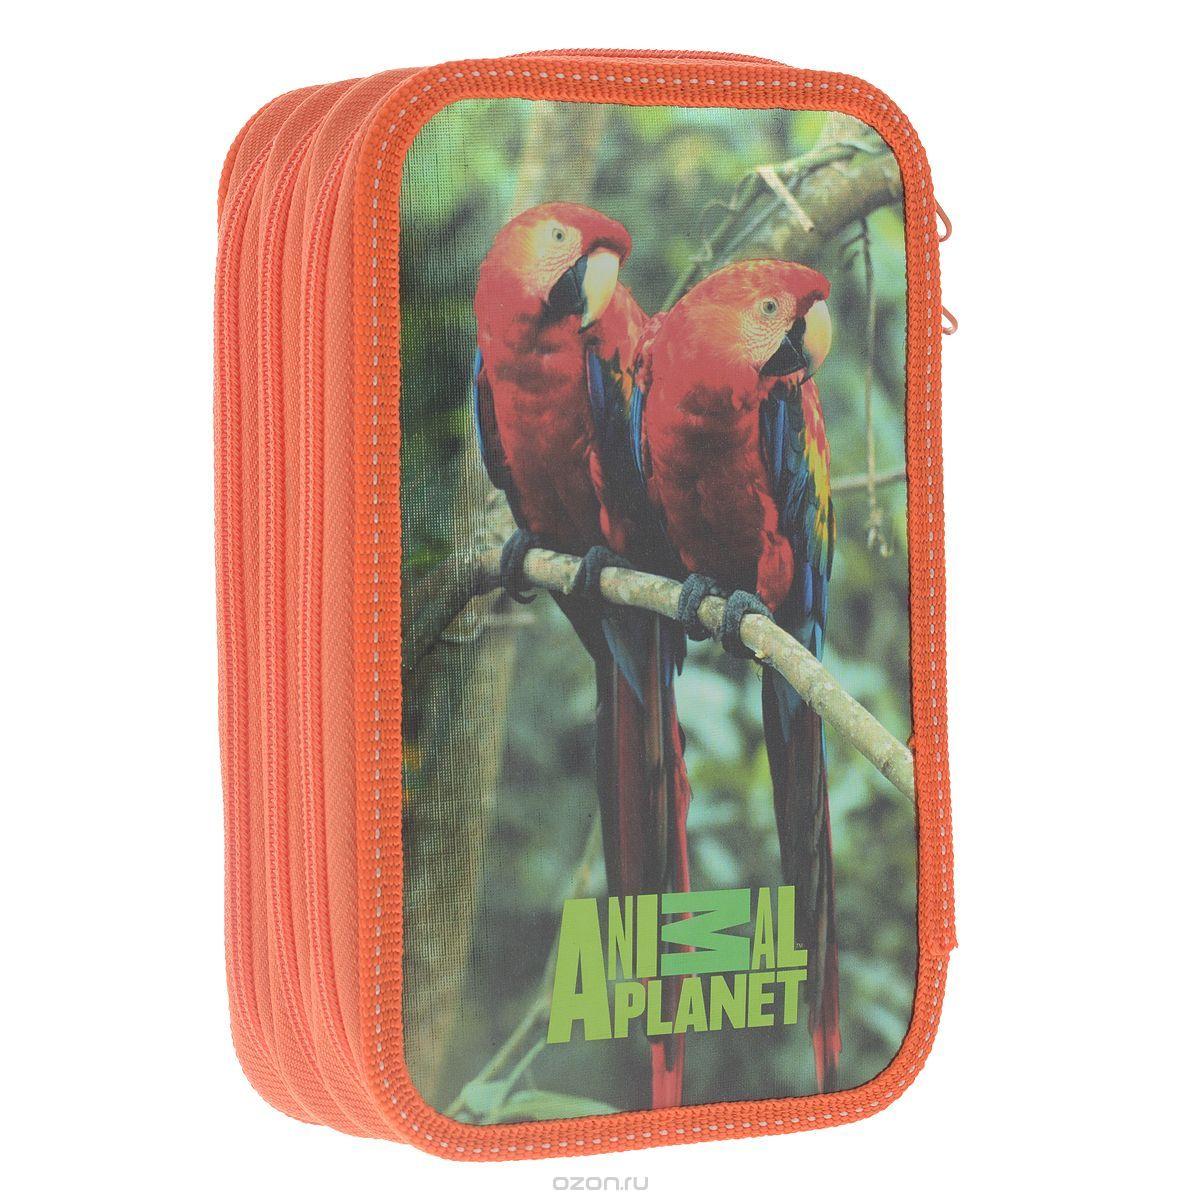 Action! Пенал Animal Planet цвет зеленый оранжевыйAP-PC03-02Пенал школьный, изготовлен из ламинированного металлизированного картона с пластиковой змейкой, без наполнения